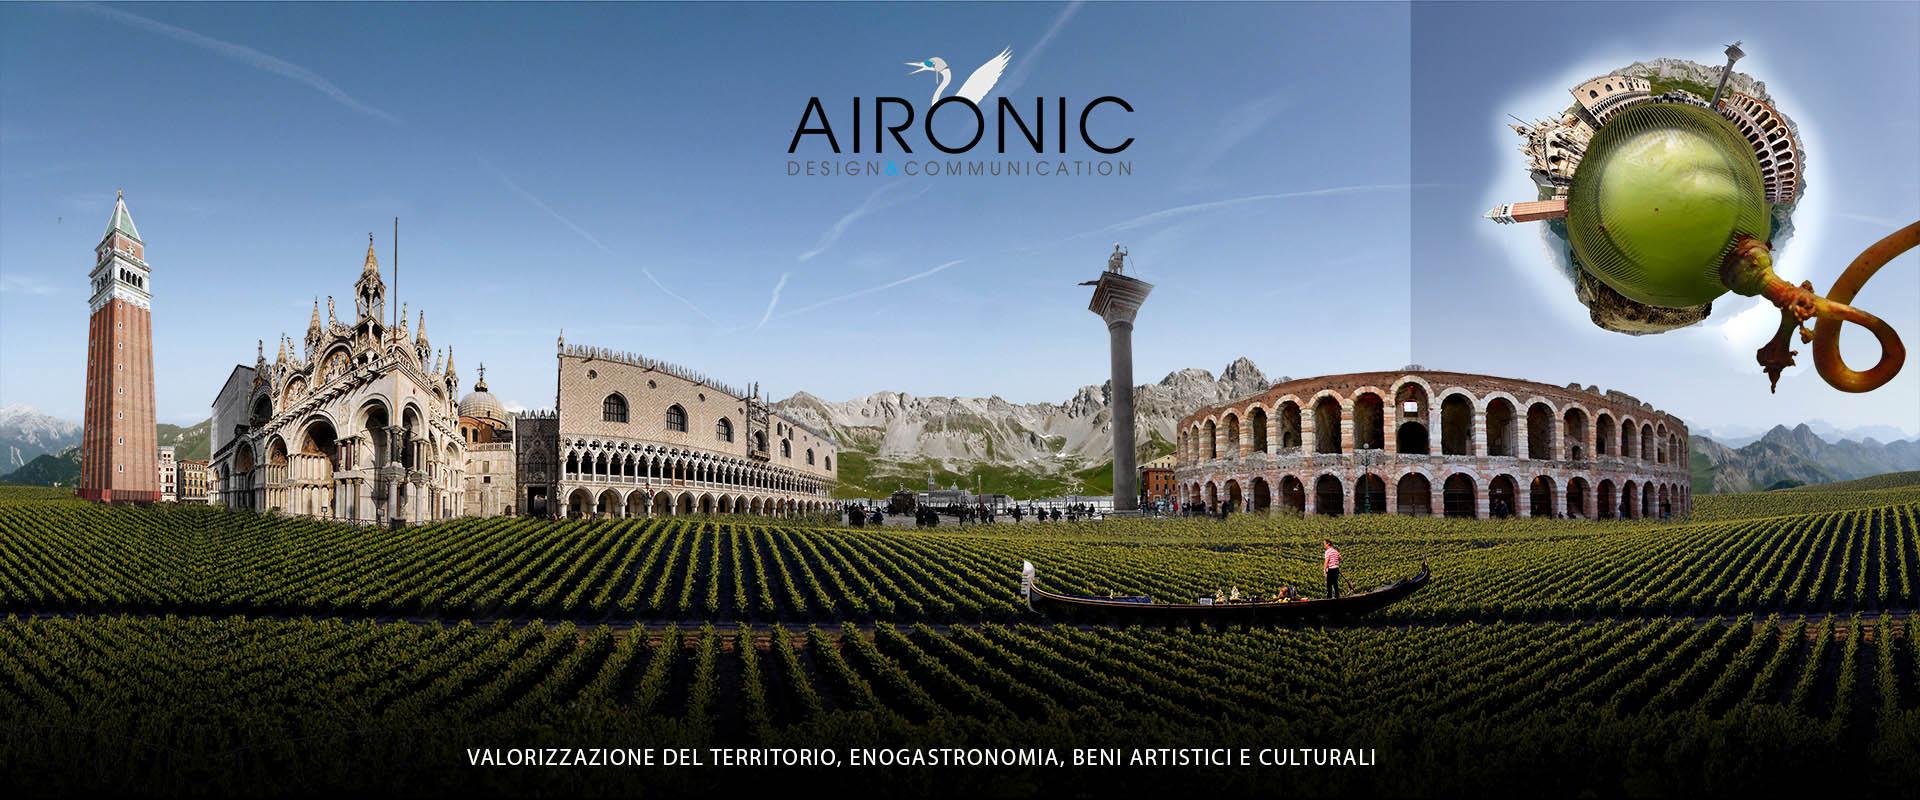 aironic_ugo-capparelli_comunicazione_valorizzazione-beni-artistici_culturali_territorio